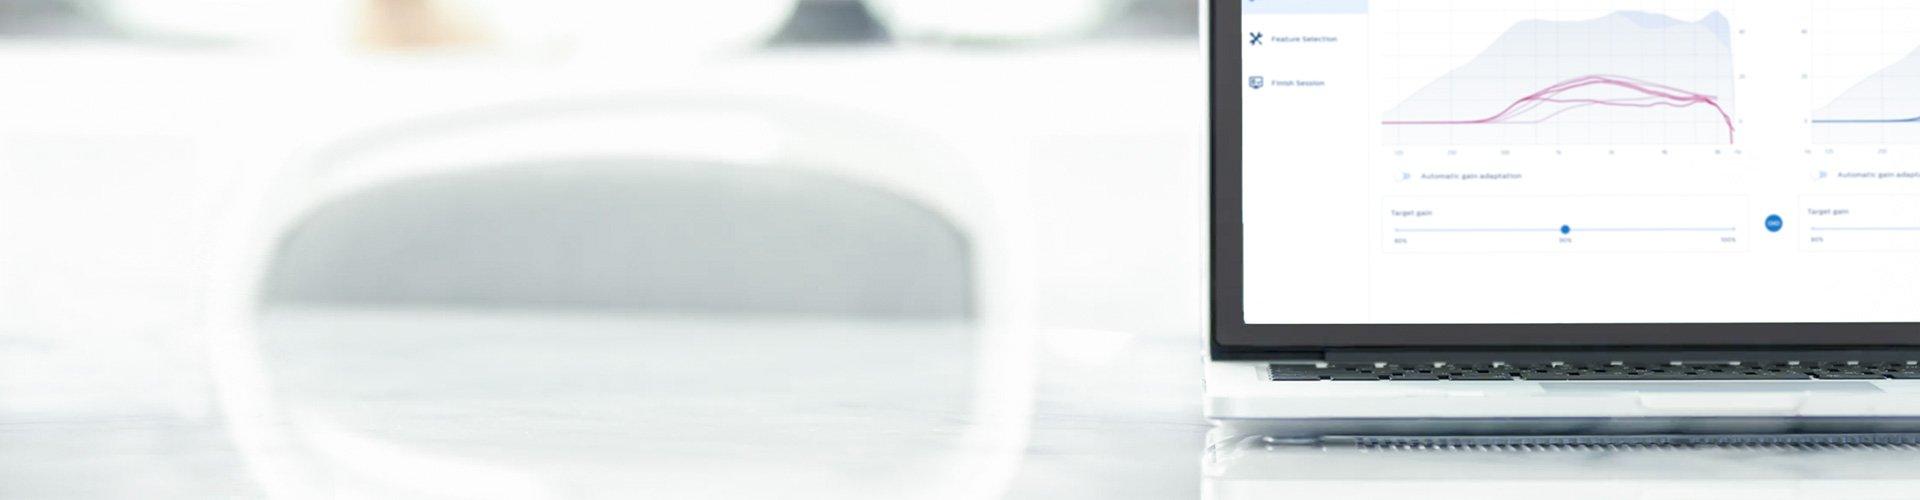 Screenshot van Philips HearSuite voor professionals. Aanpassoftware voor Philips HearLink hoortoestellen.